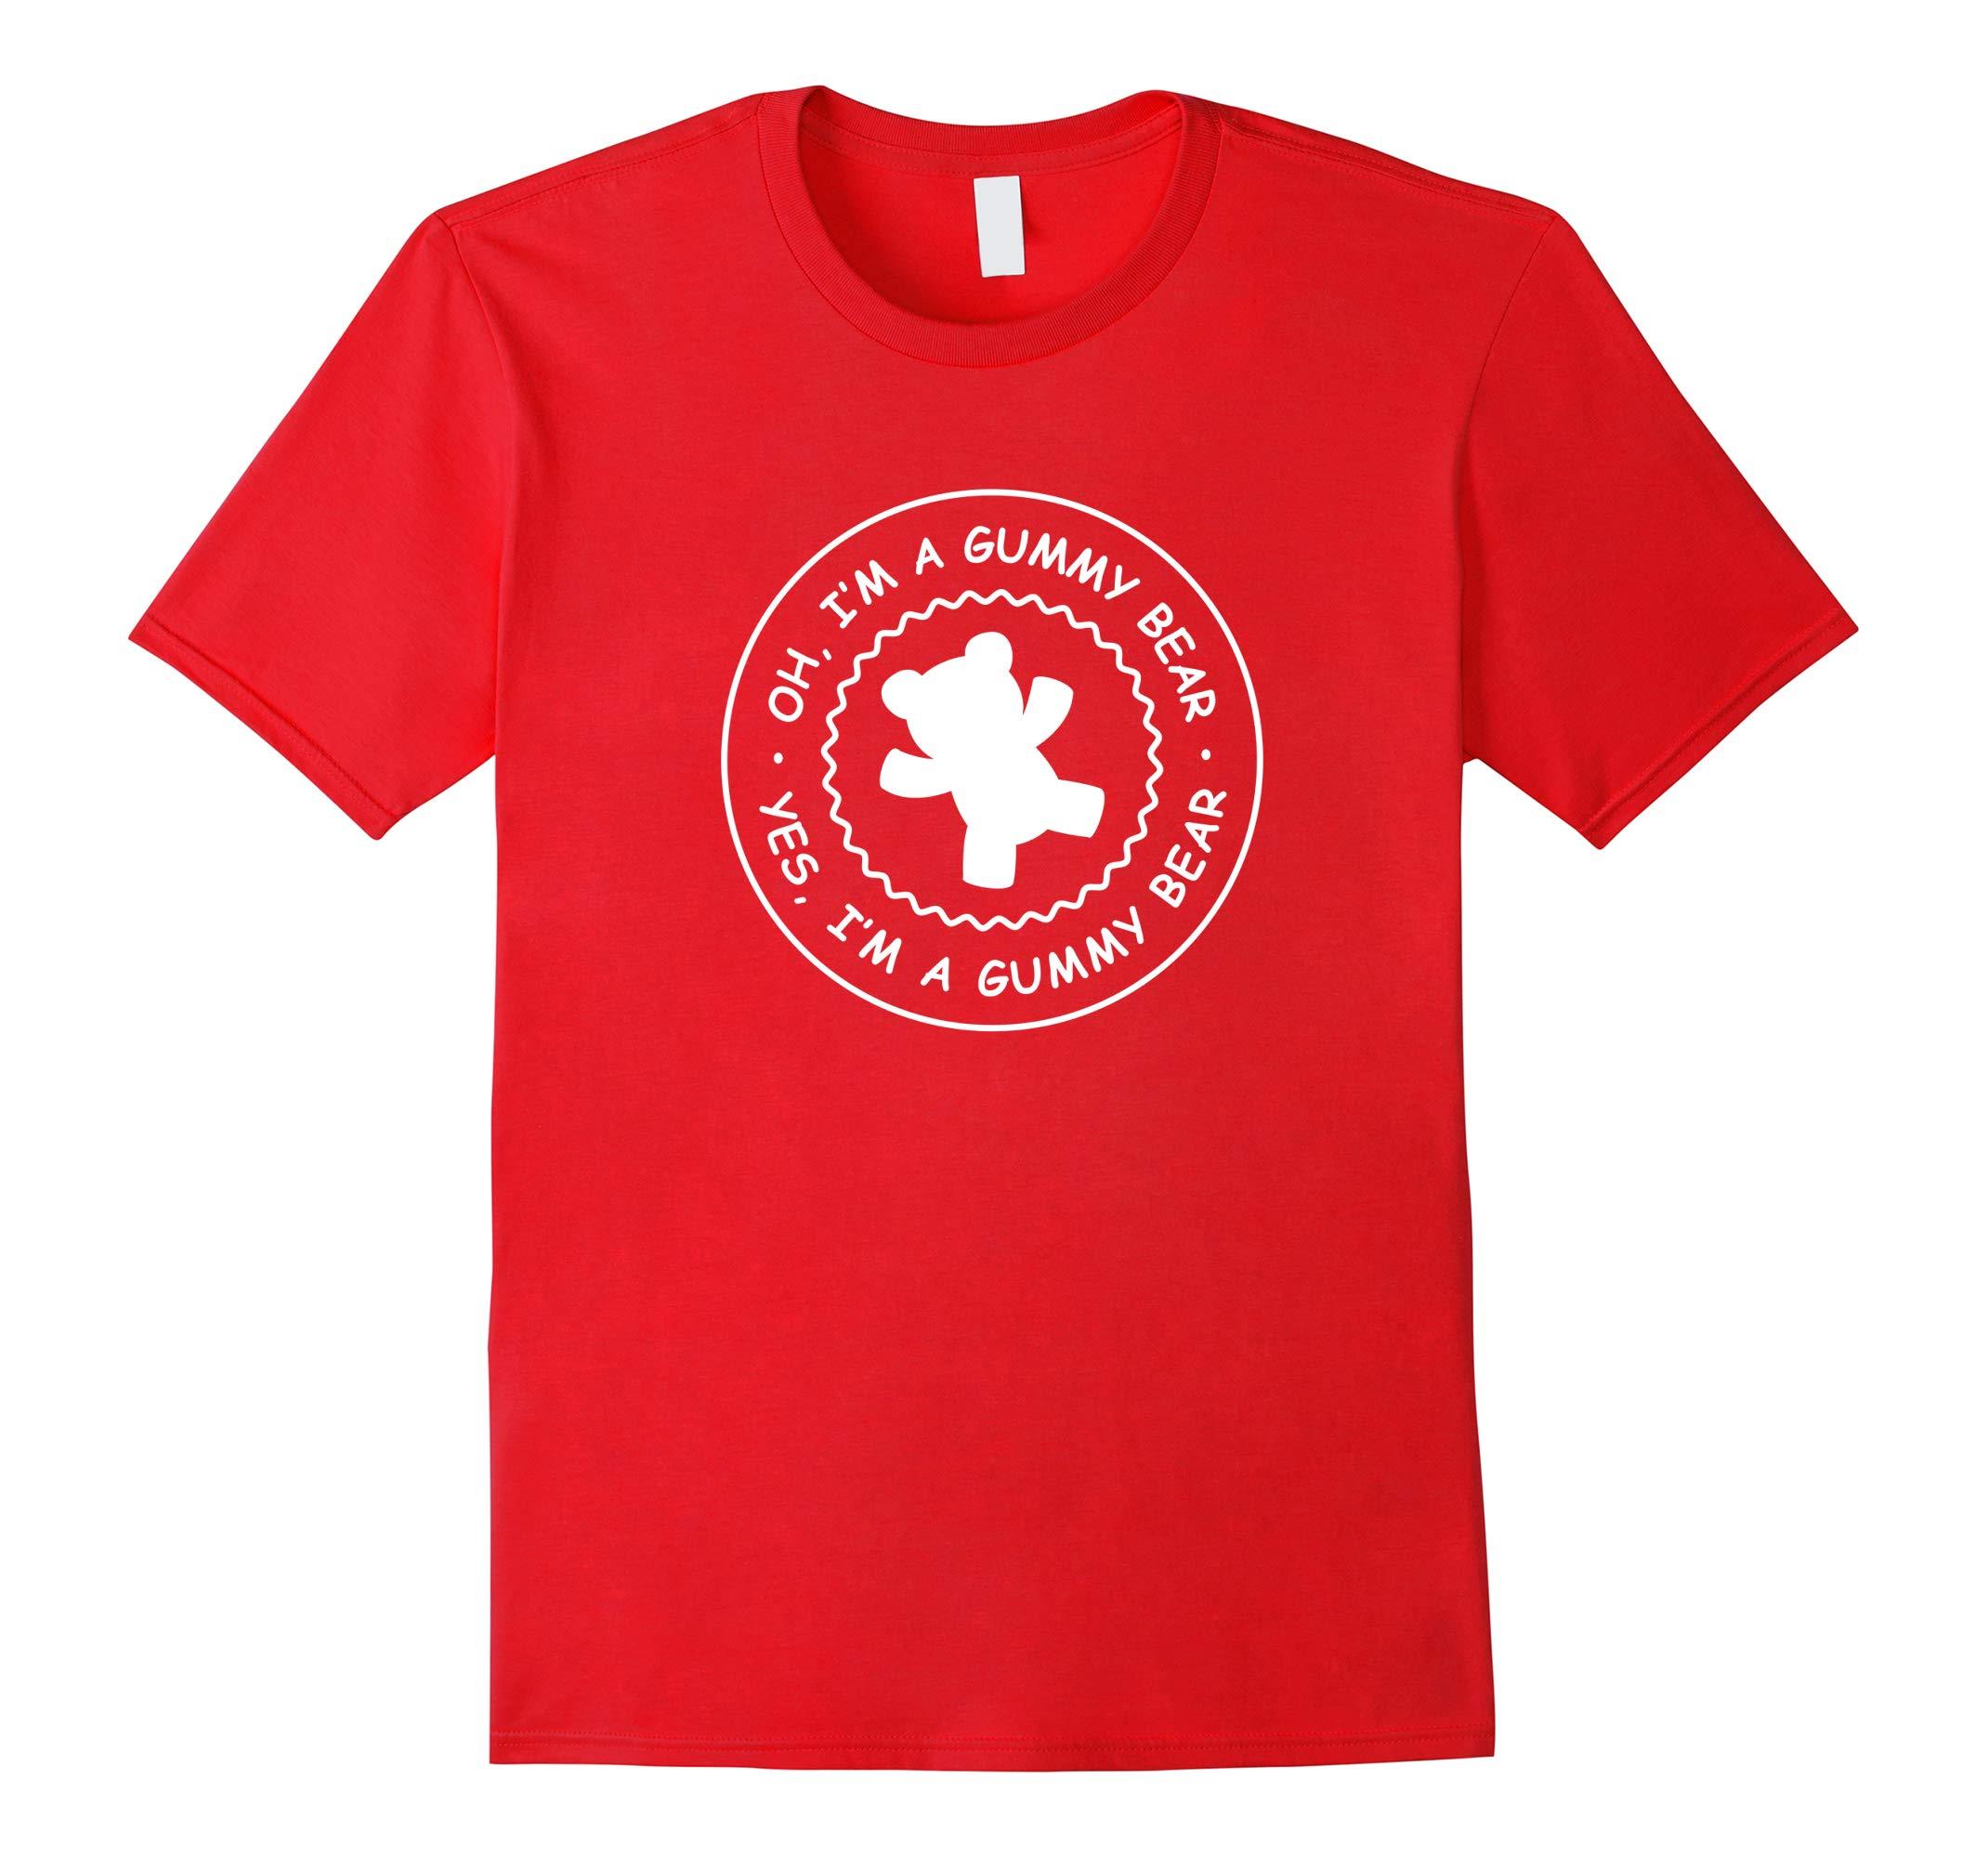 Adult Gummy Bear Shirt, I'm A Gummy Bear T-Shirt-RT